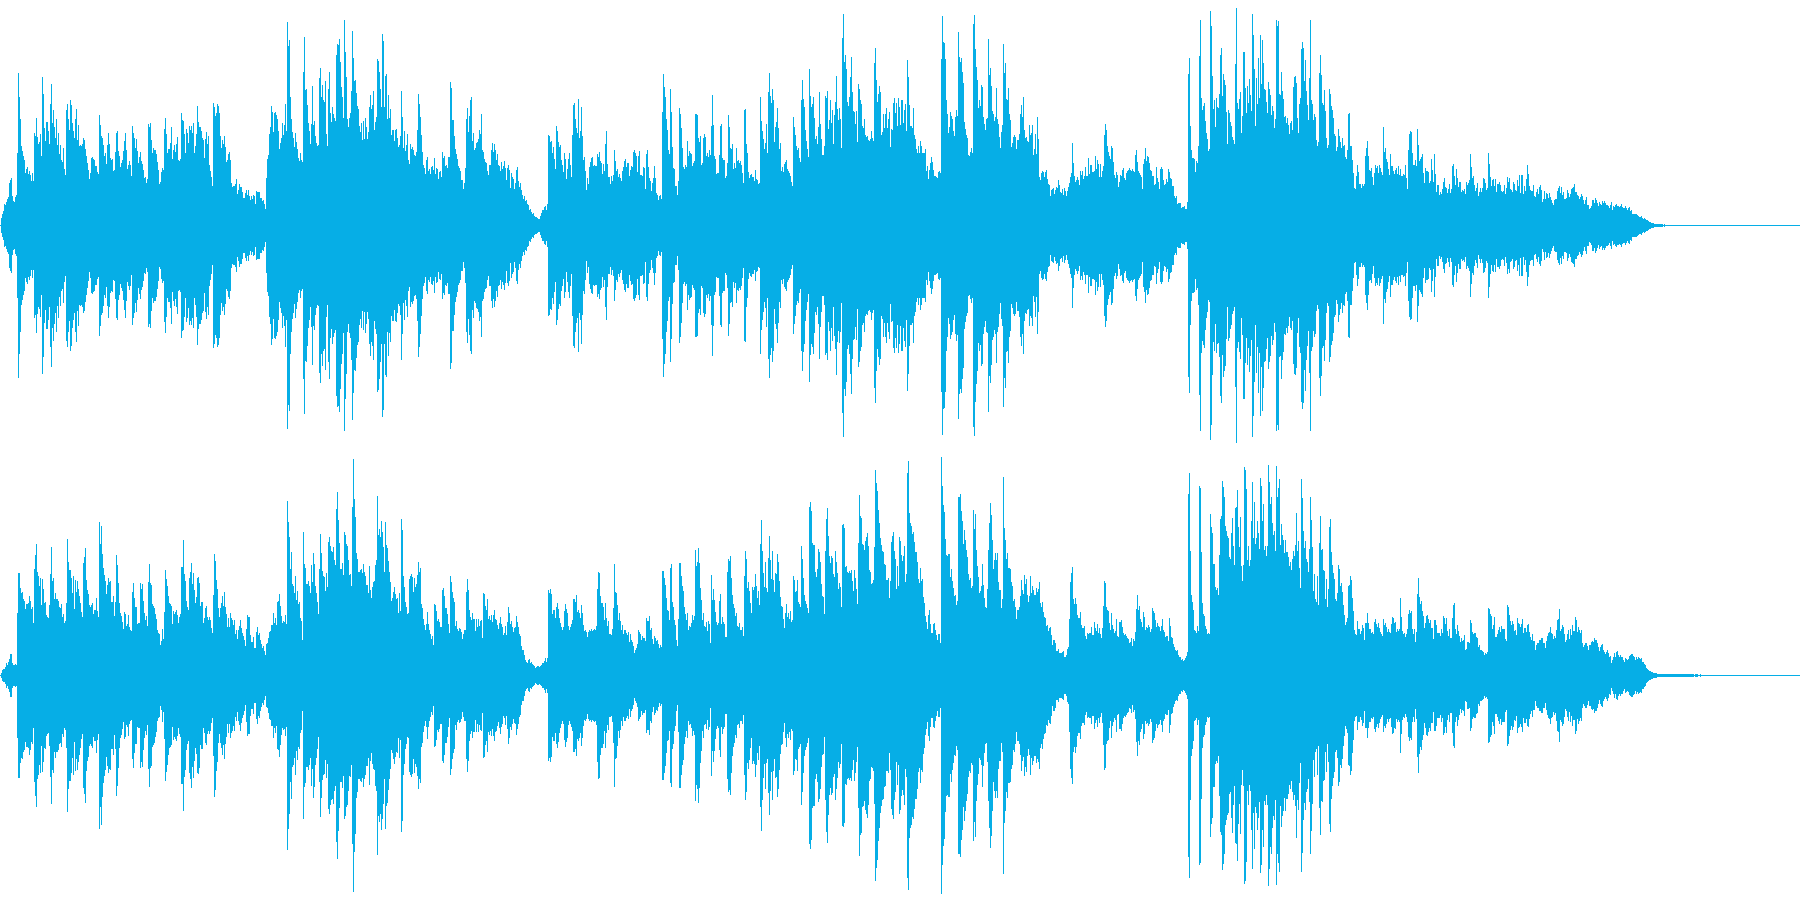 しっとりとした癒しの音楽の再生済みの波形